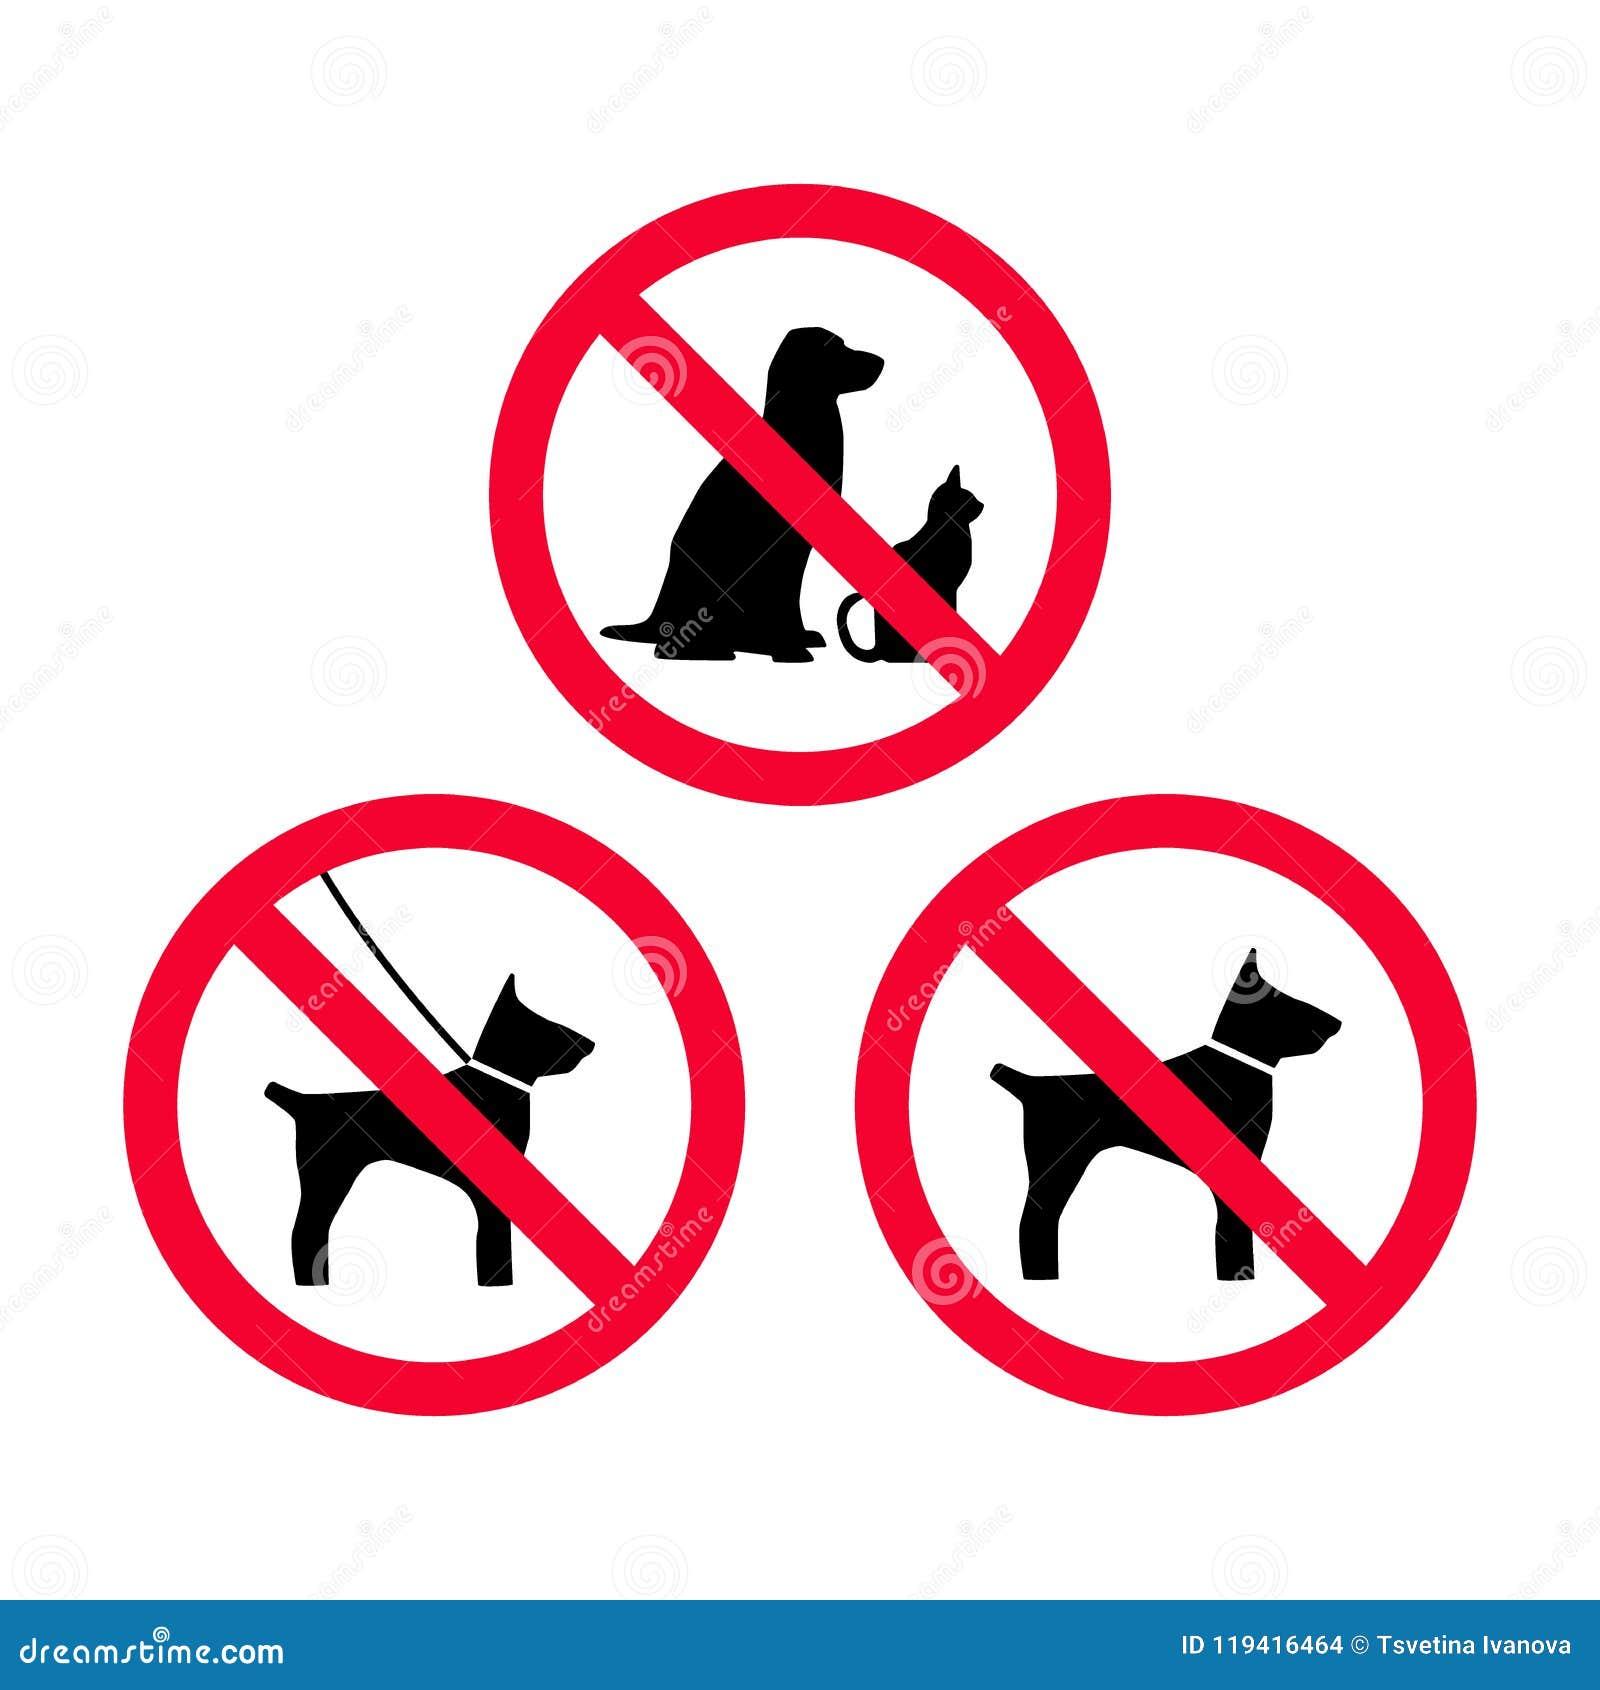 Отсутствие собак, отсутствие любимчиков, отсутствие собак поводка, отсутствие знака запрета свободных собак красного